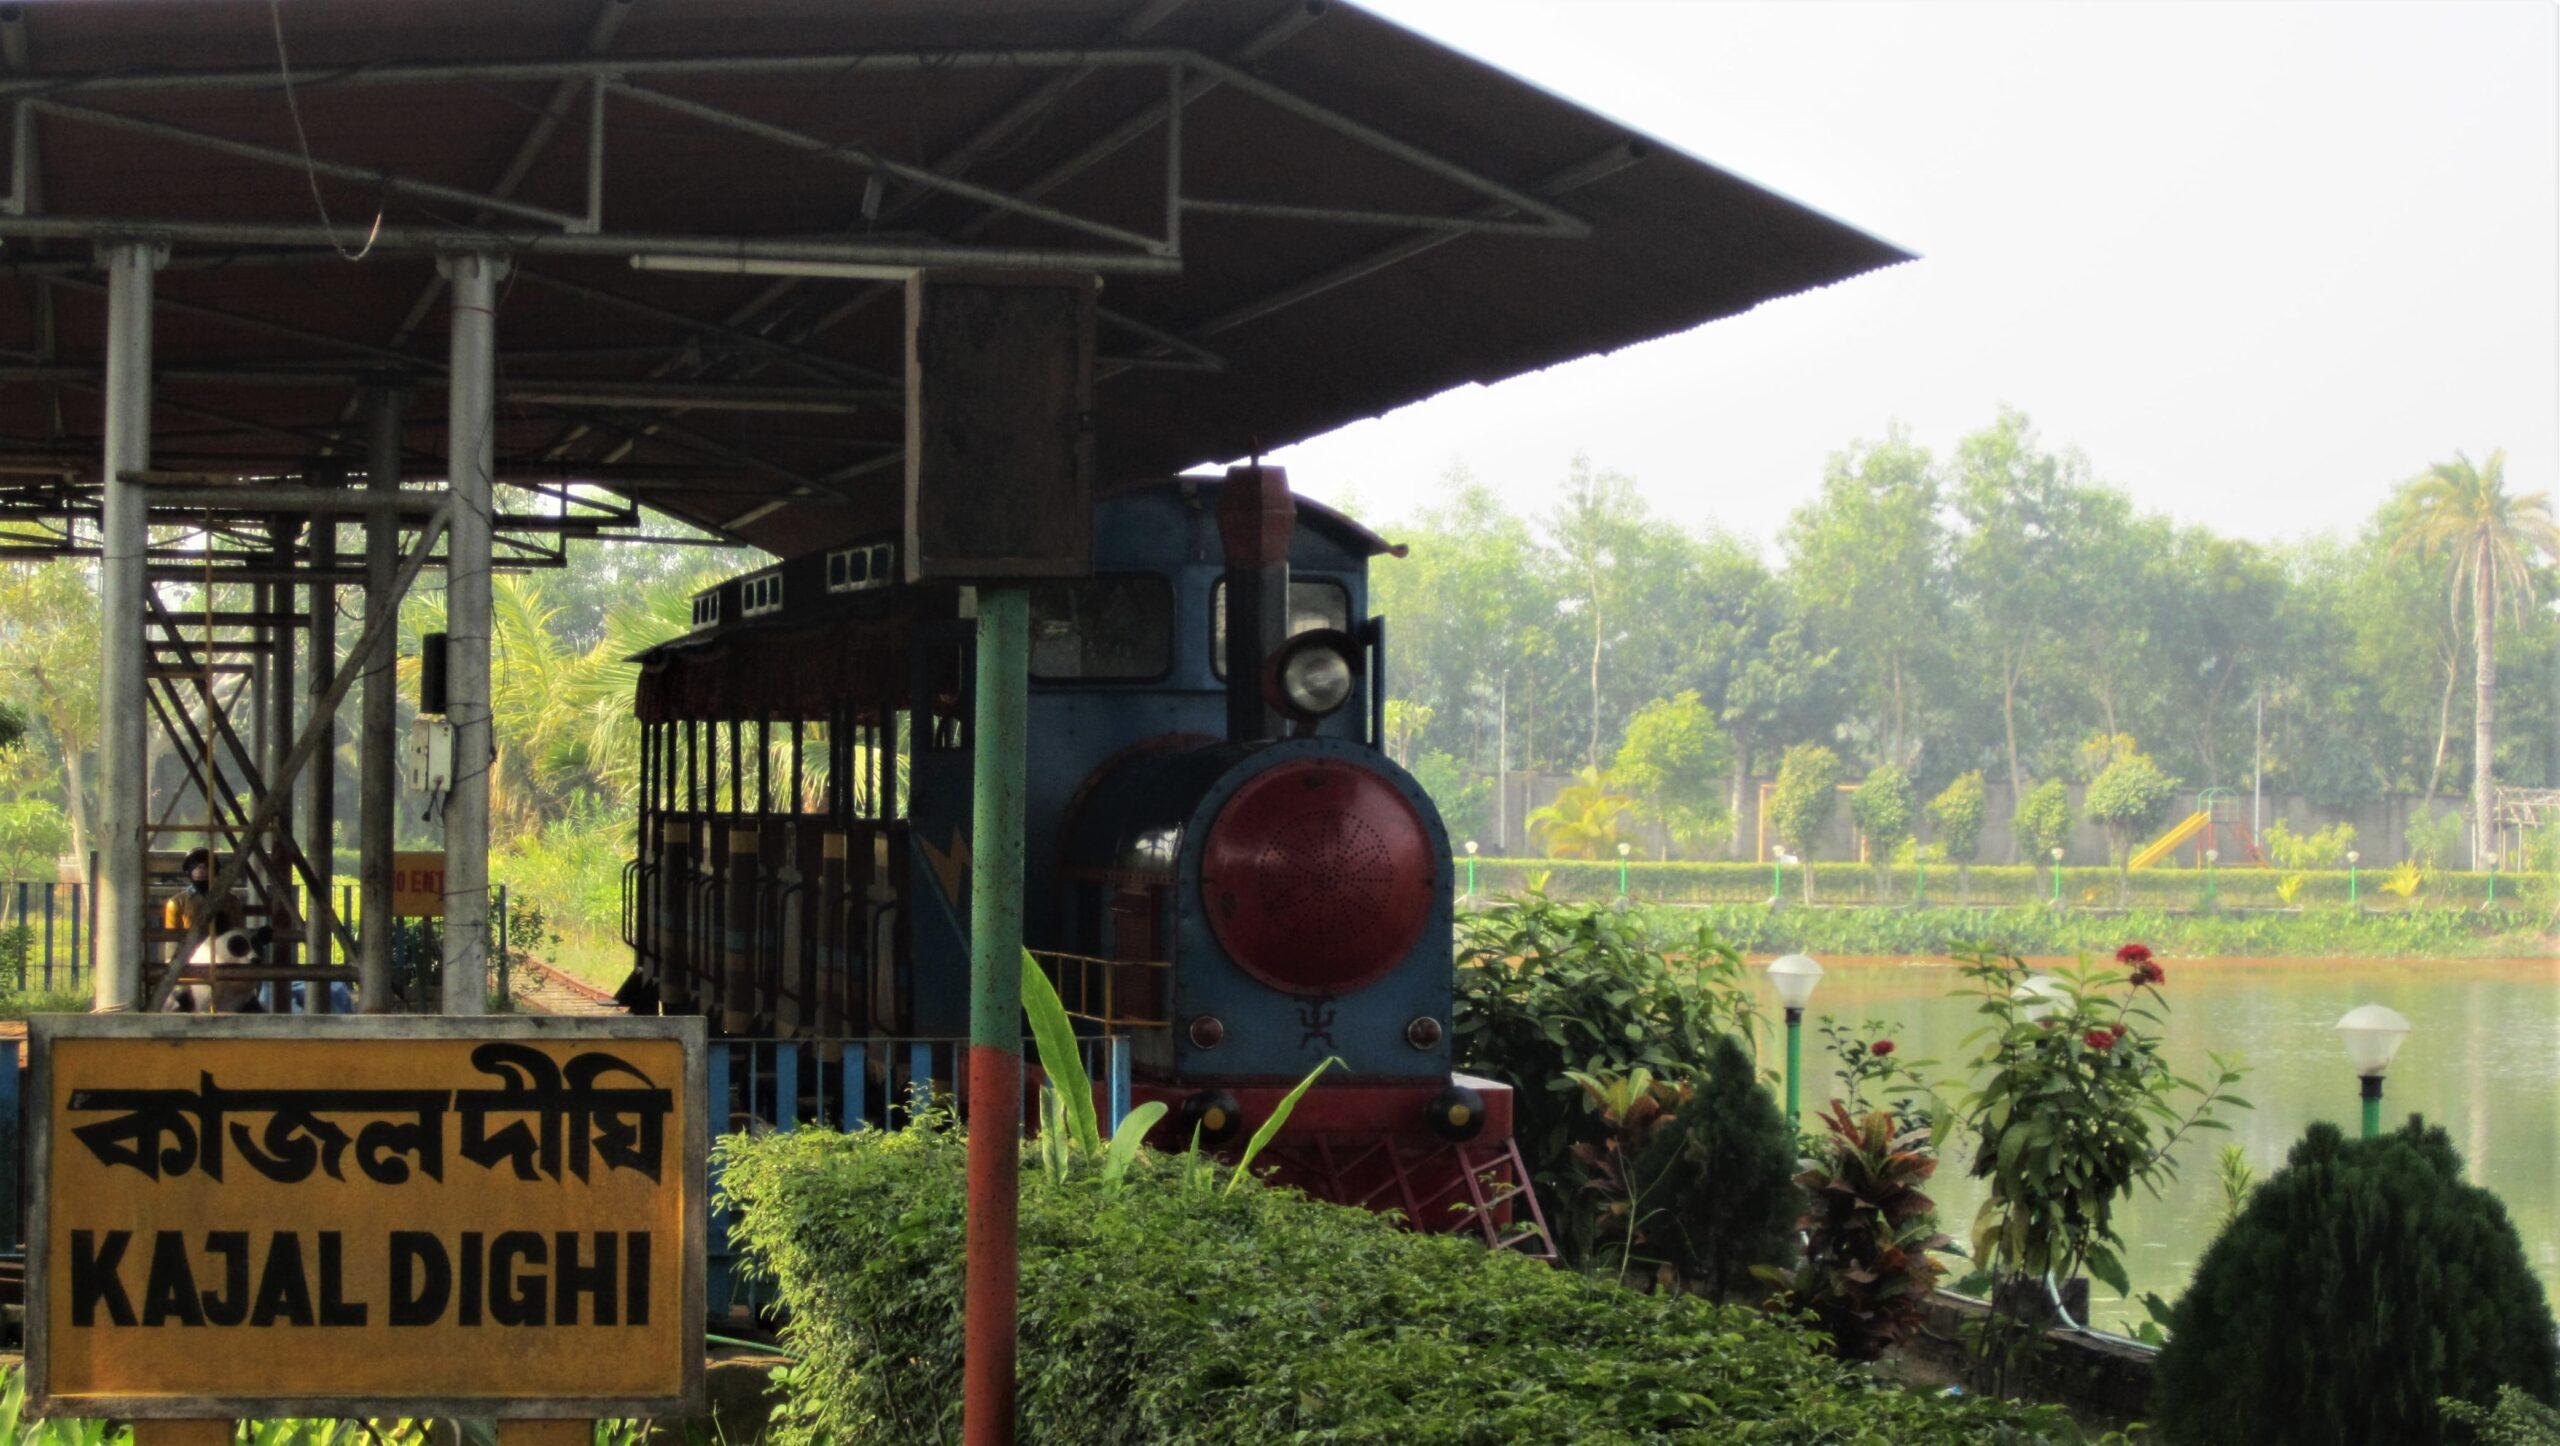 Toy train at Kajaldighi Park